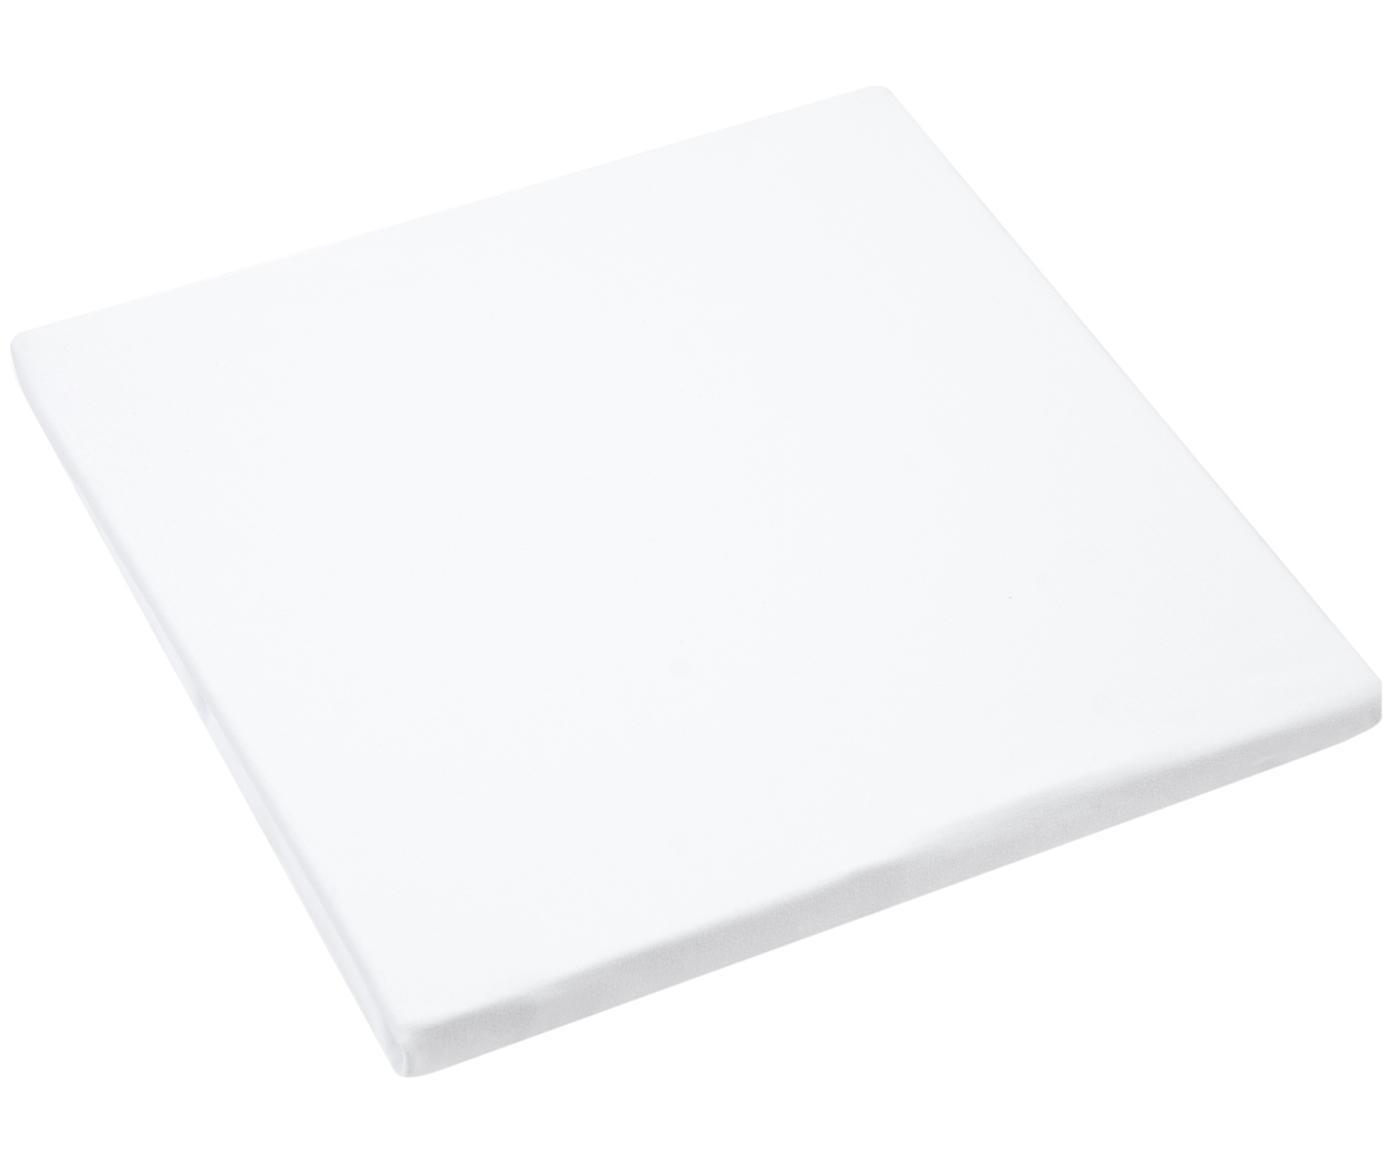 Spannbettlaken Lara, Jersey-Elasthan, 95% Baumwolle, 5% Elasthan, Weiss, 90 x 200 cm